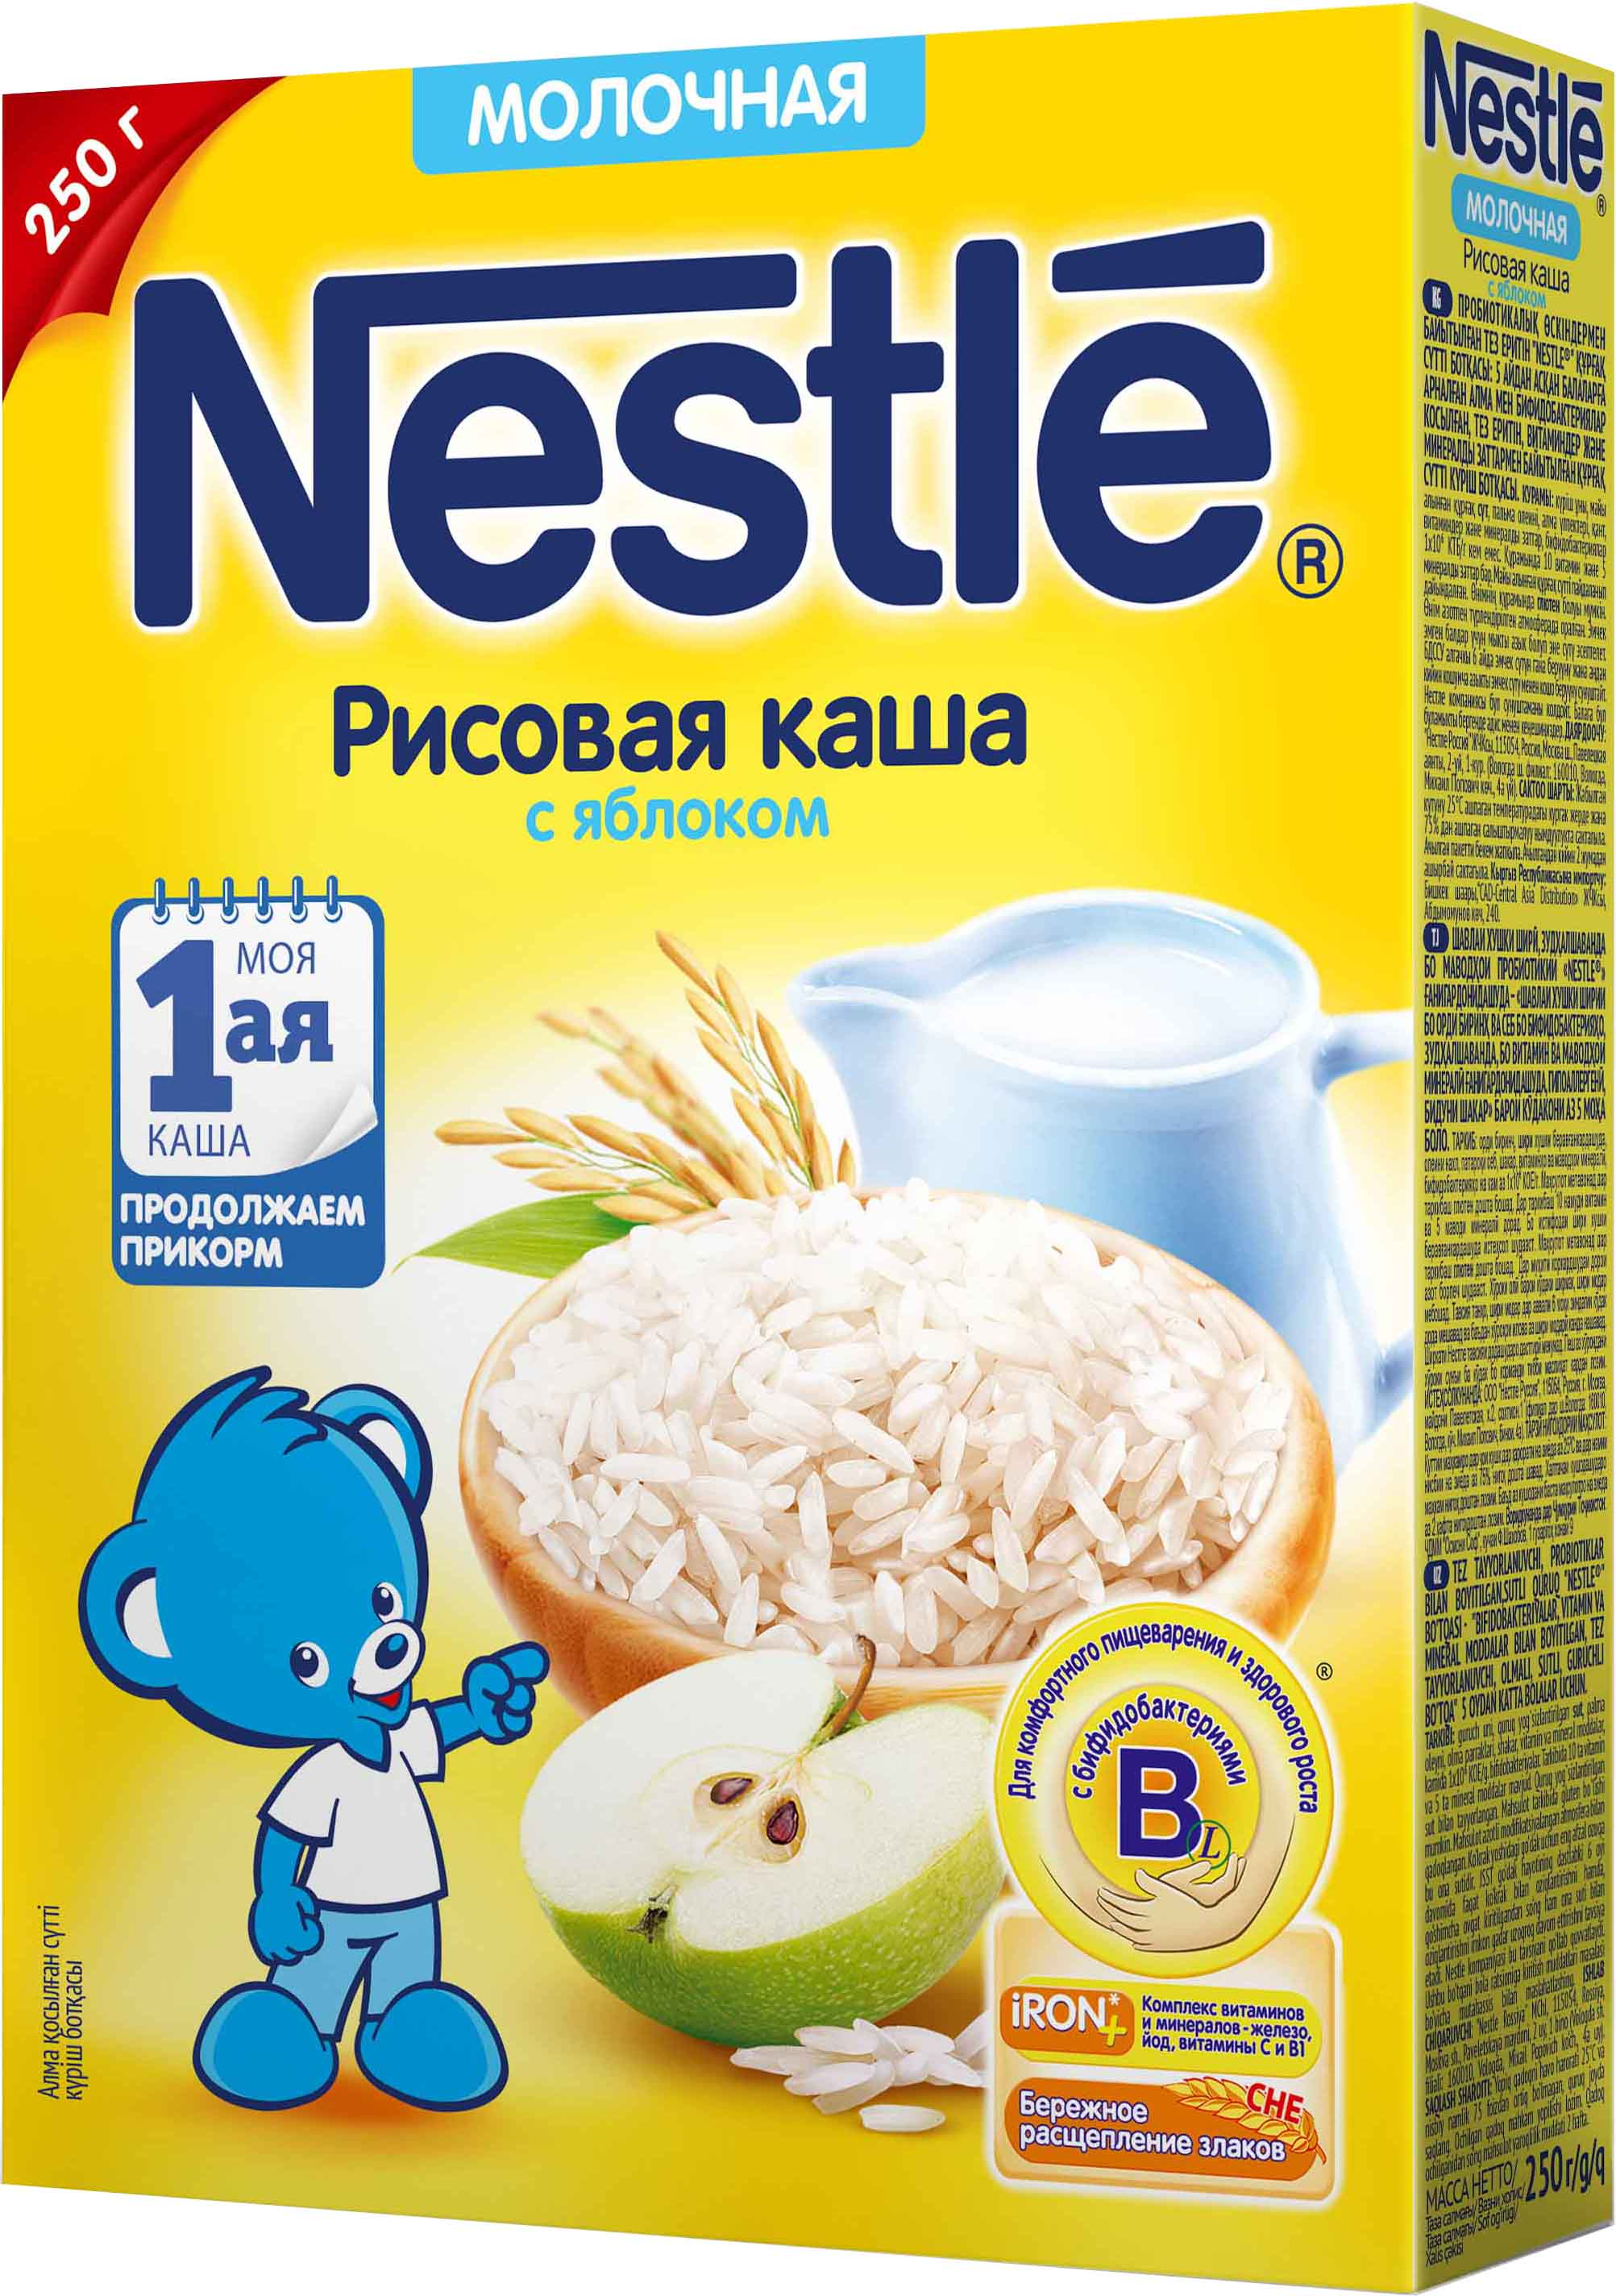 Каши Nestle Nestlé Молочная рисовая с яблоком (с 5 месяцев) 250 г каши nestle каша сухая молочная пшеничная с тыквой с 5 мес 220 г